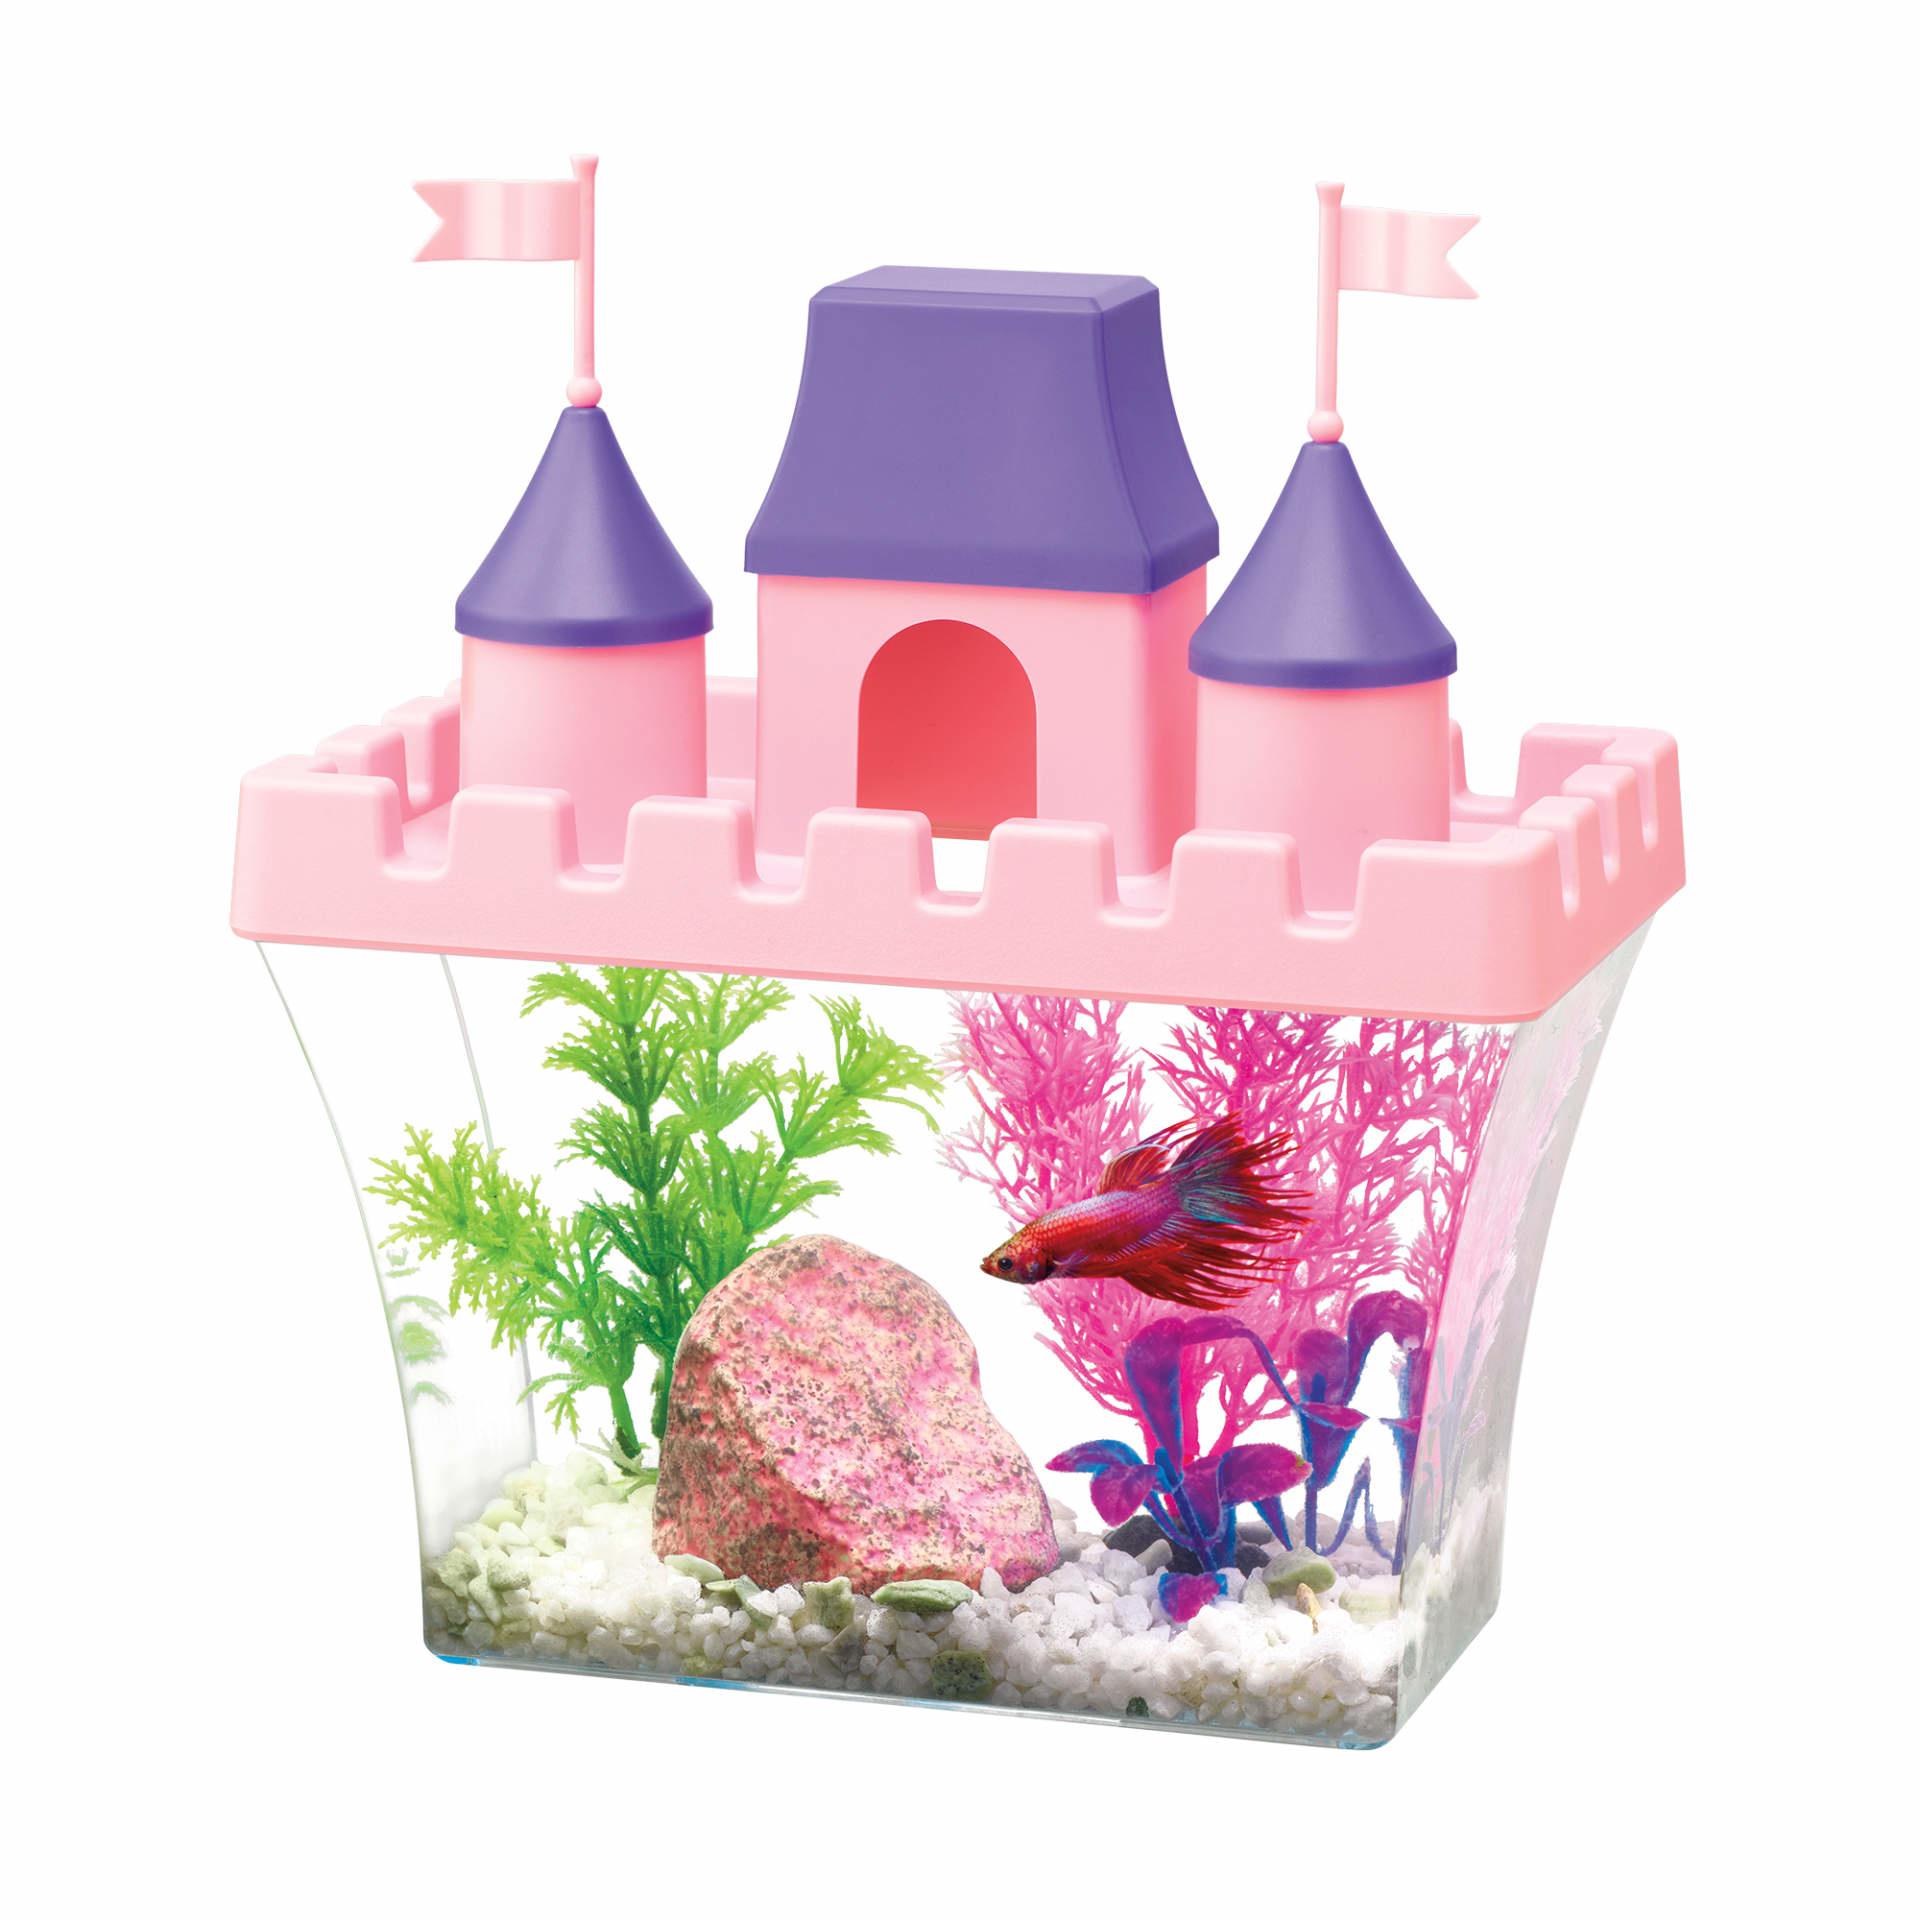 Aqueon Princess Castle kit